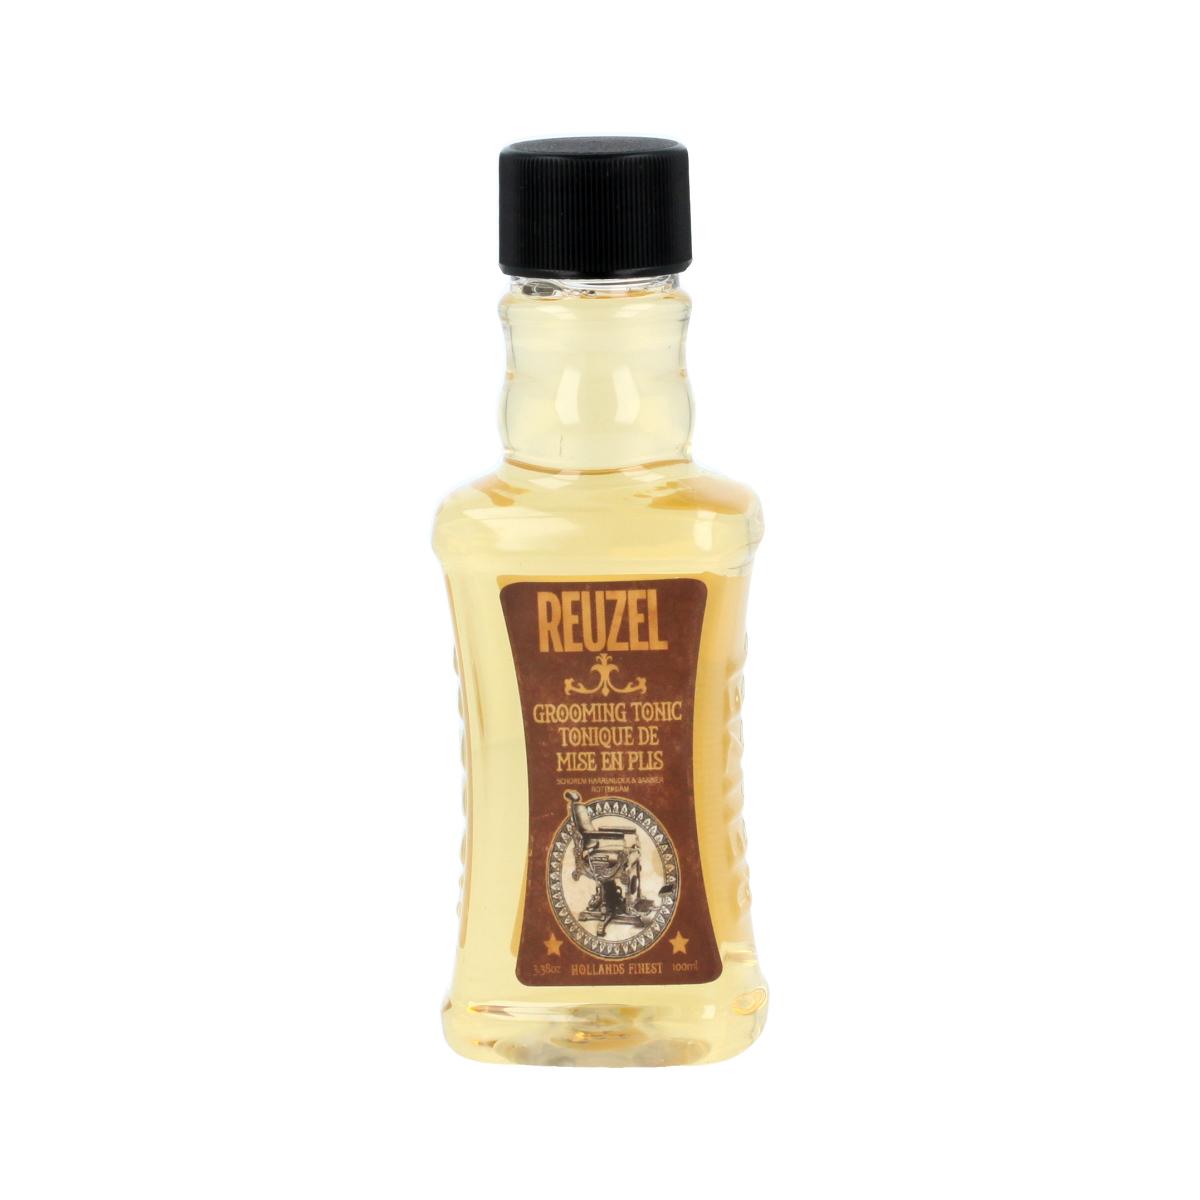 REUZEL Grooming Tonic 100 ml 14467